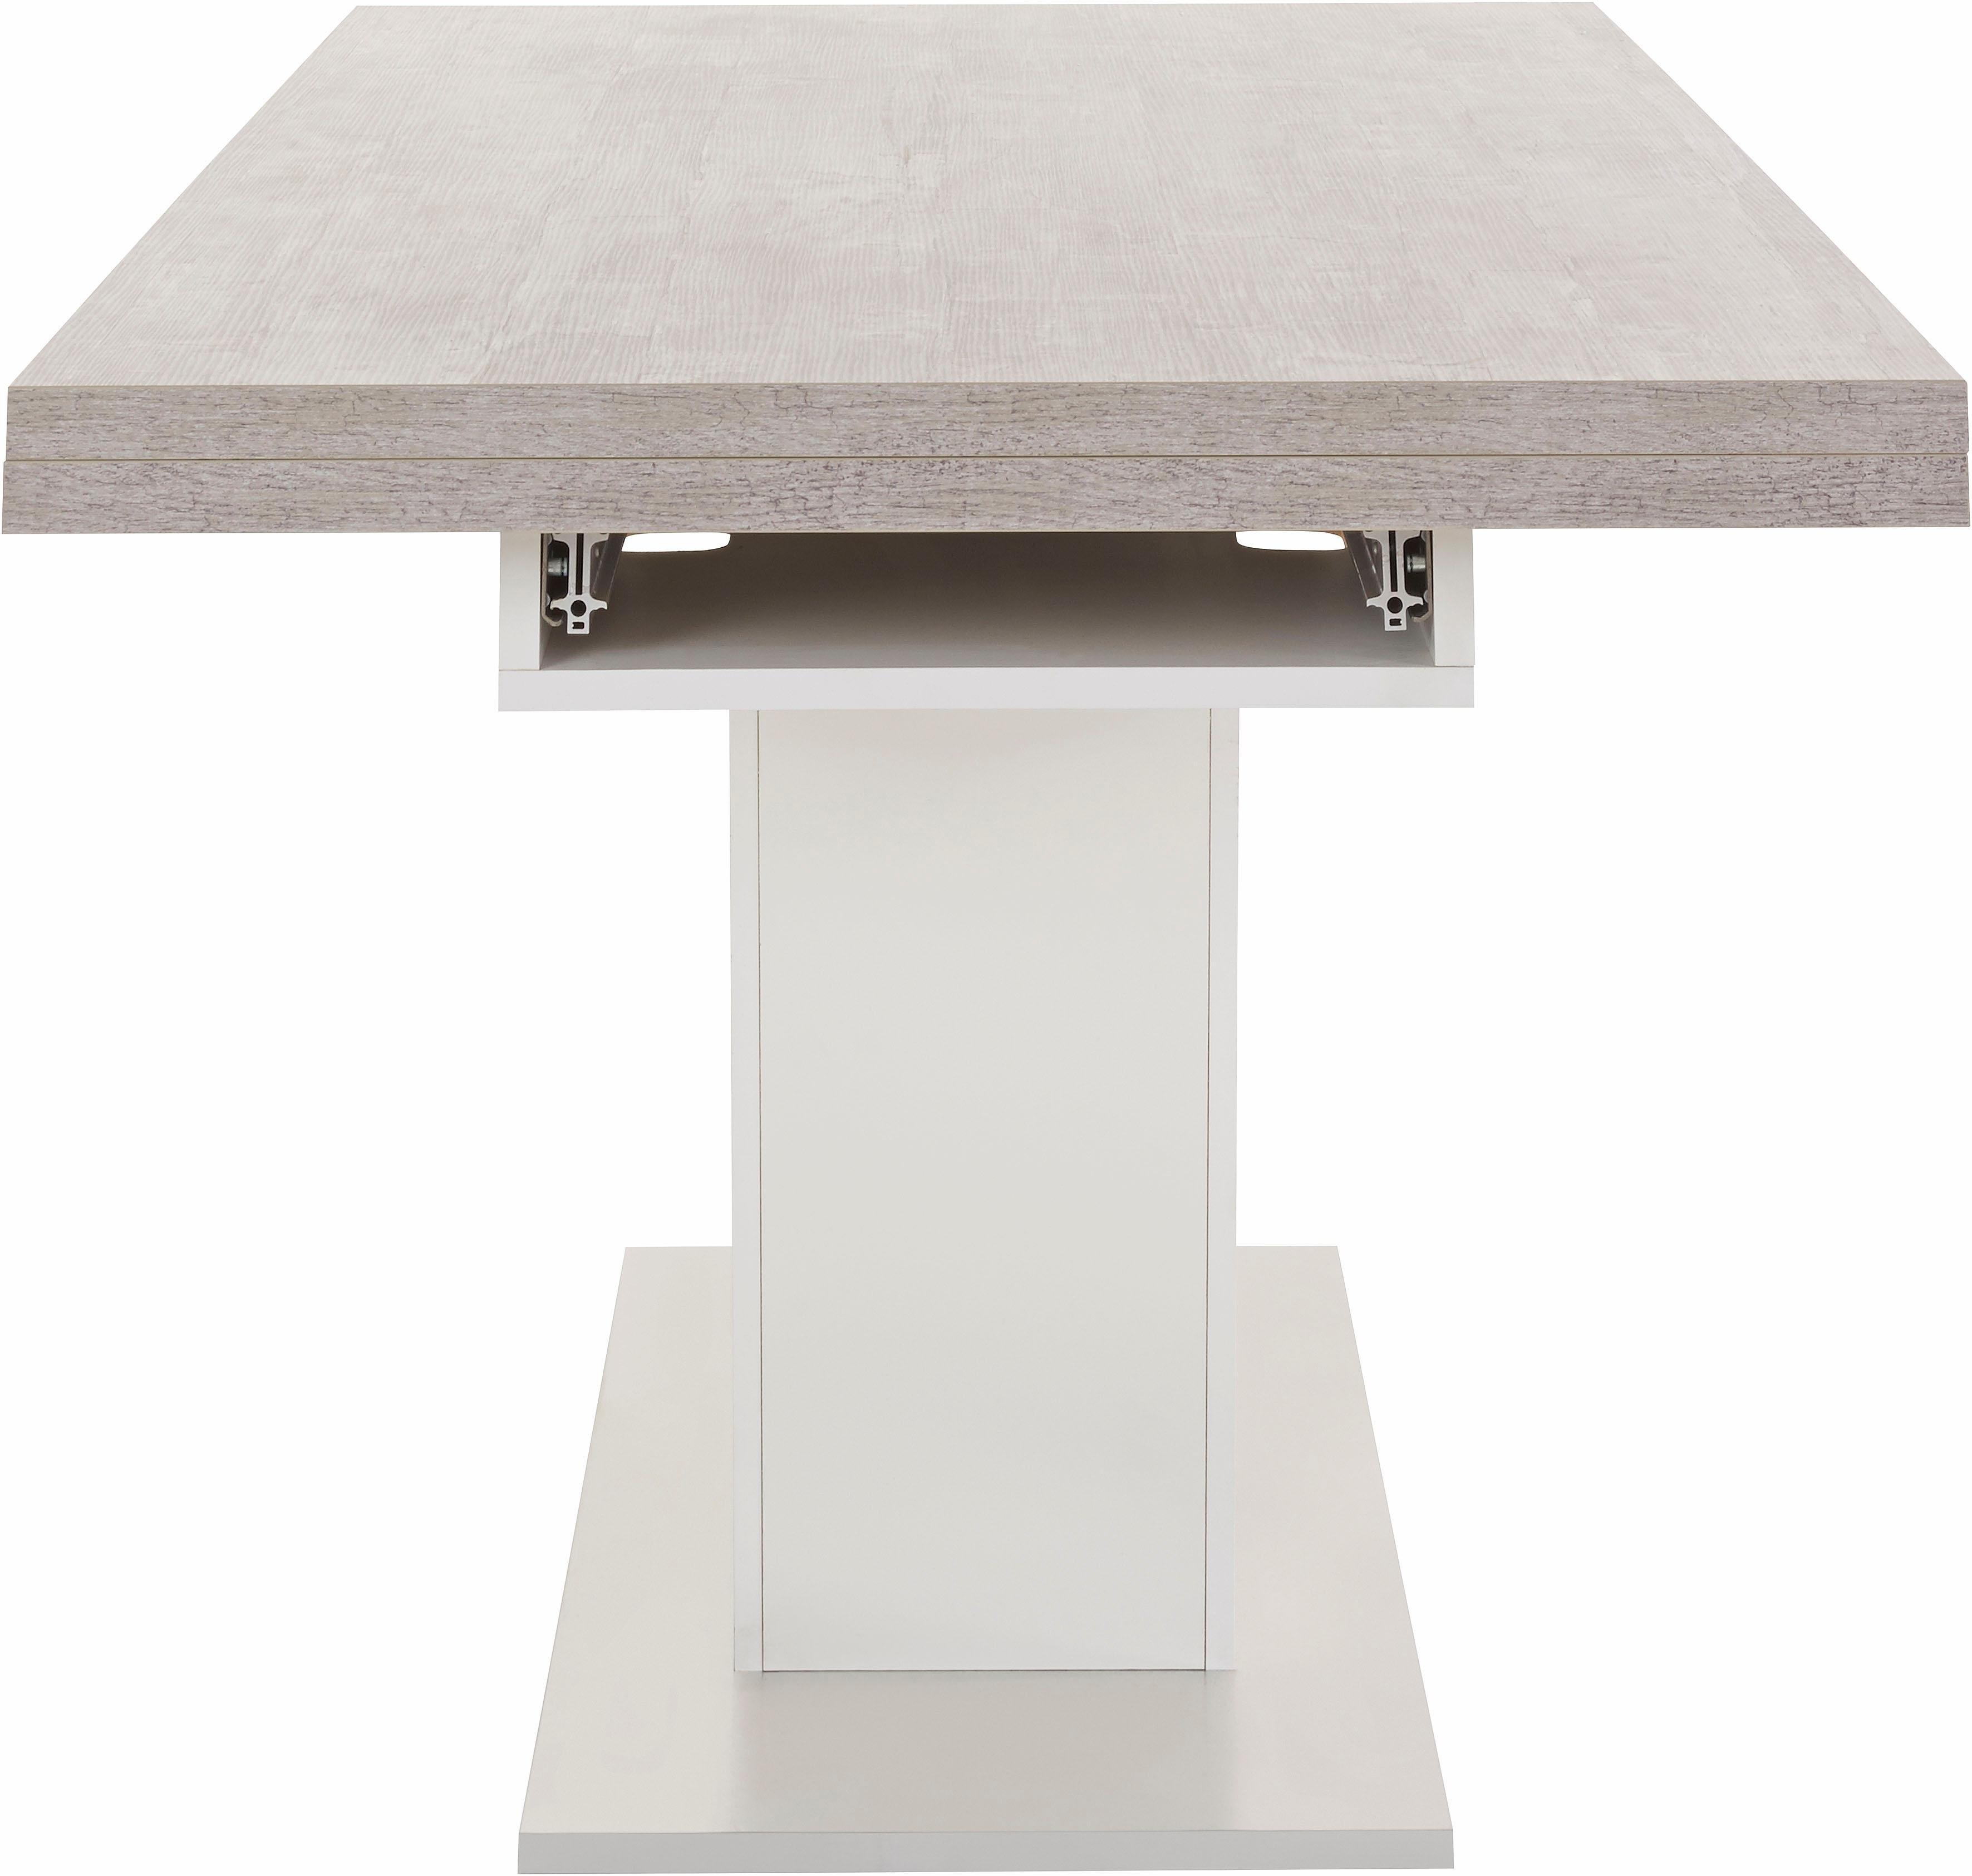 Eettafel op zuil in V-model met uittrekfunctie, grondbreedte 180 cm ...